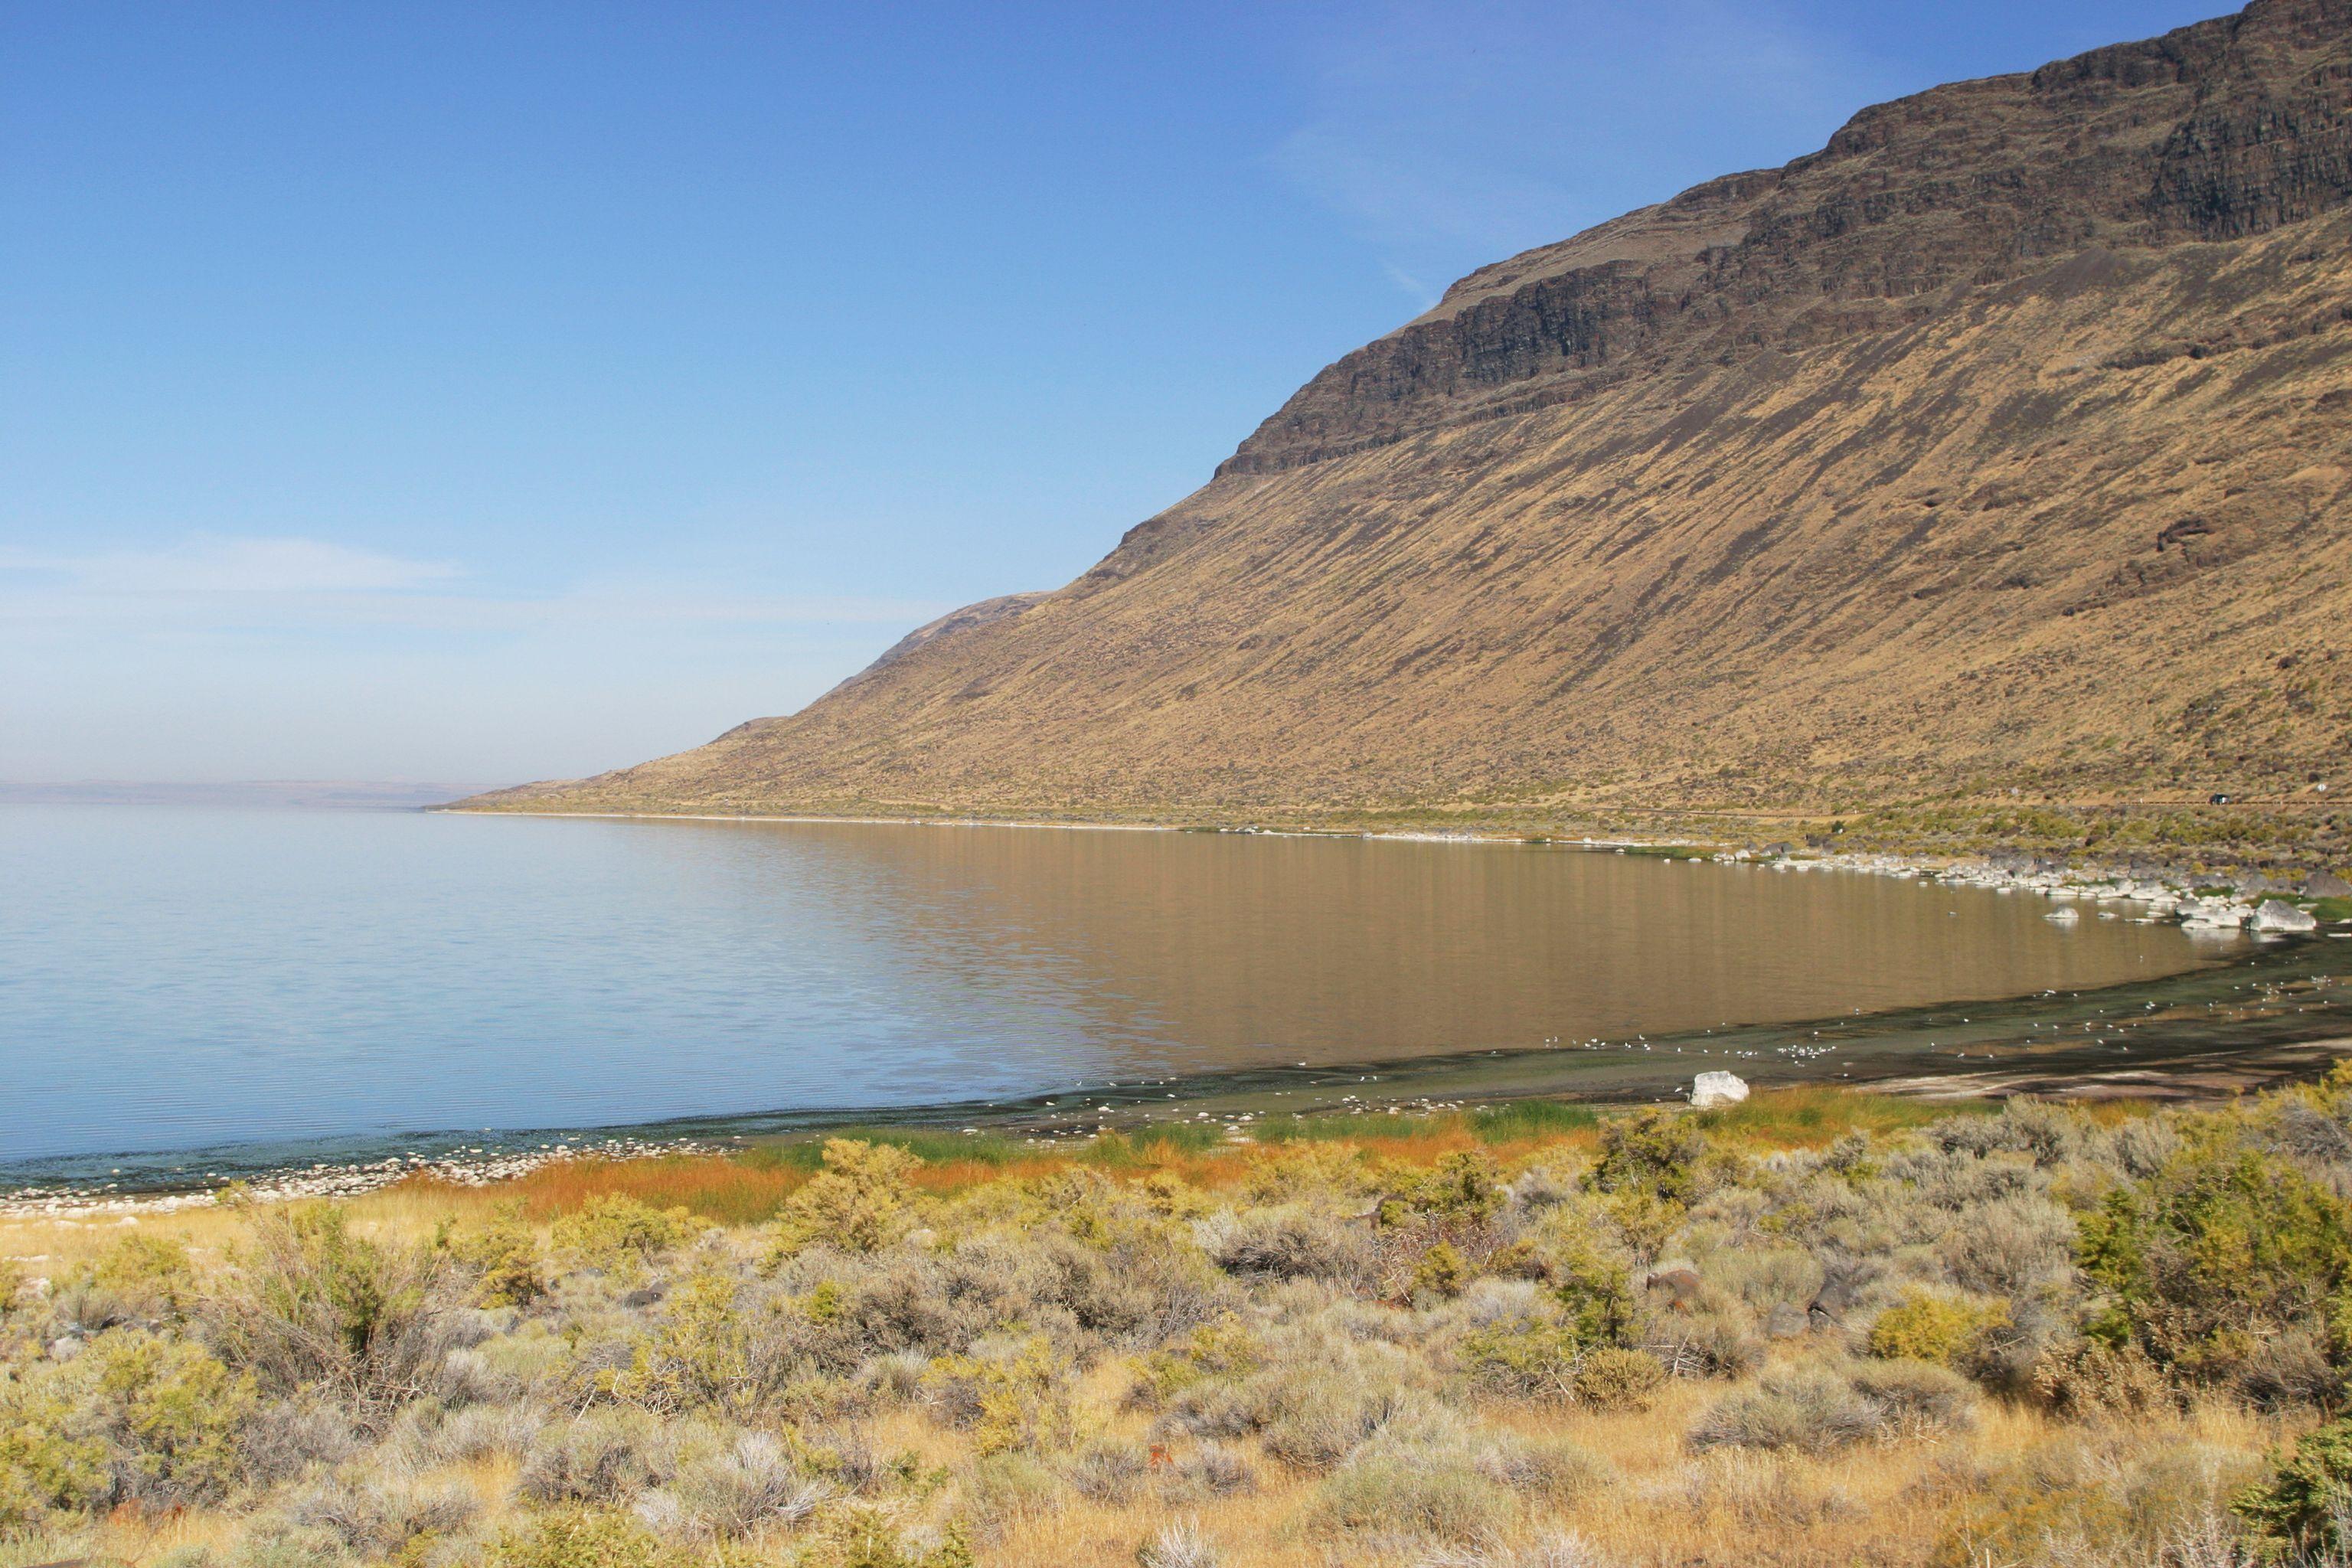 Albert Rim above Oregon's Lake Albert